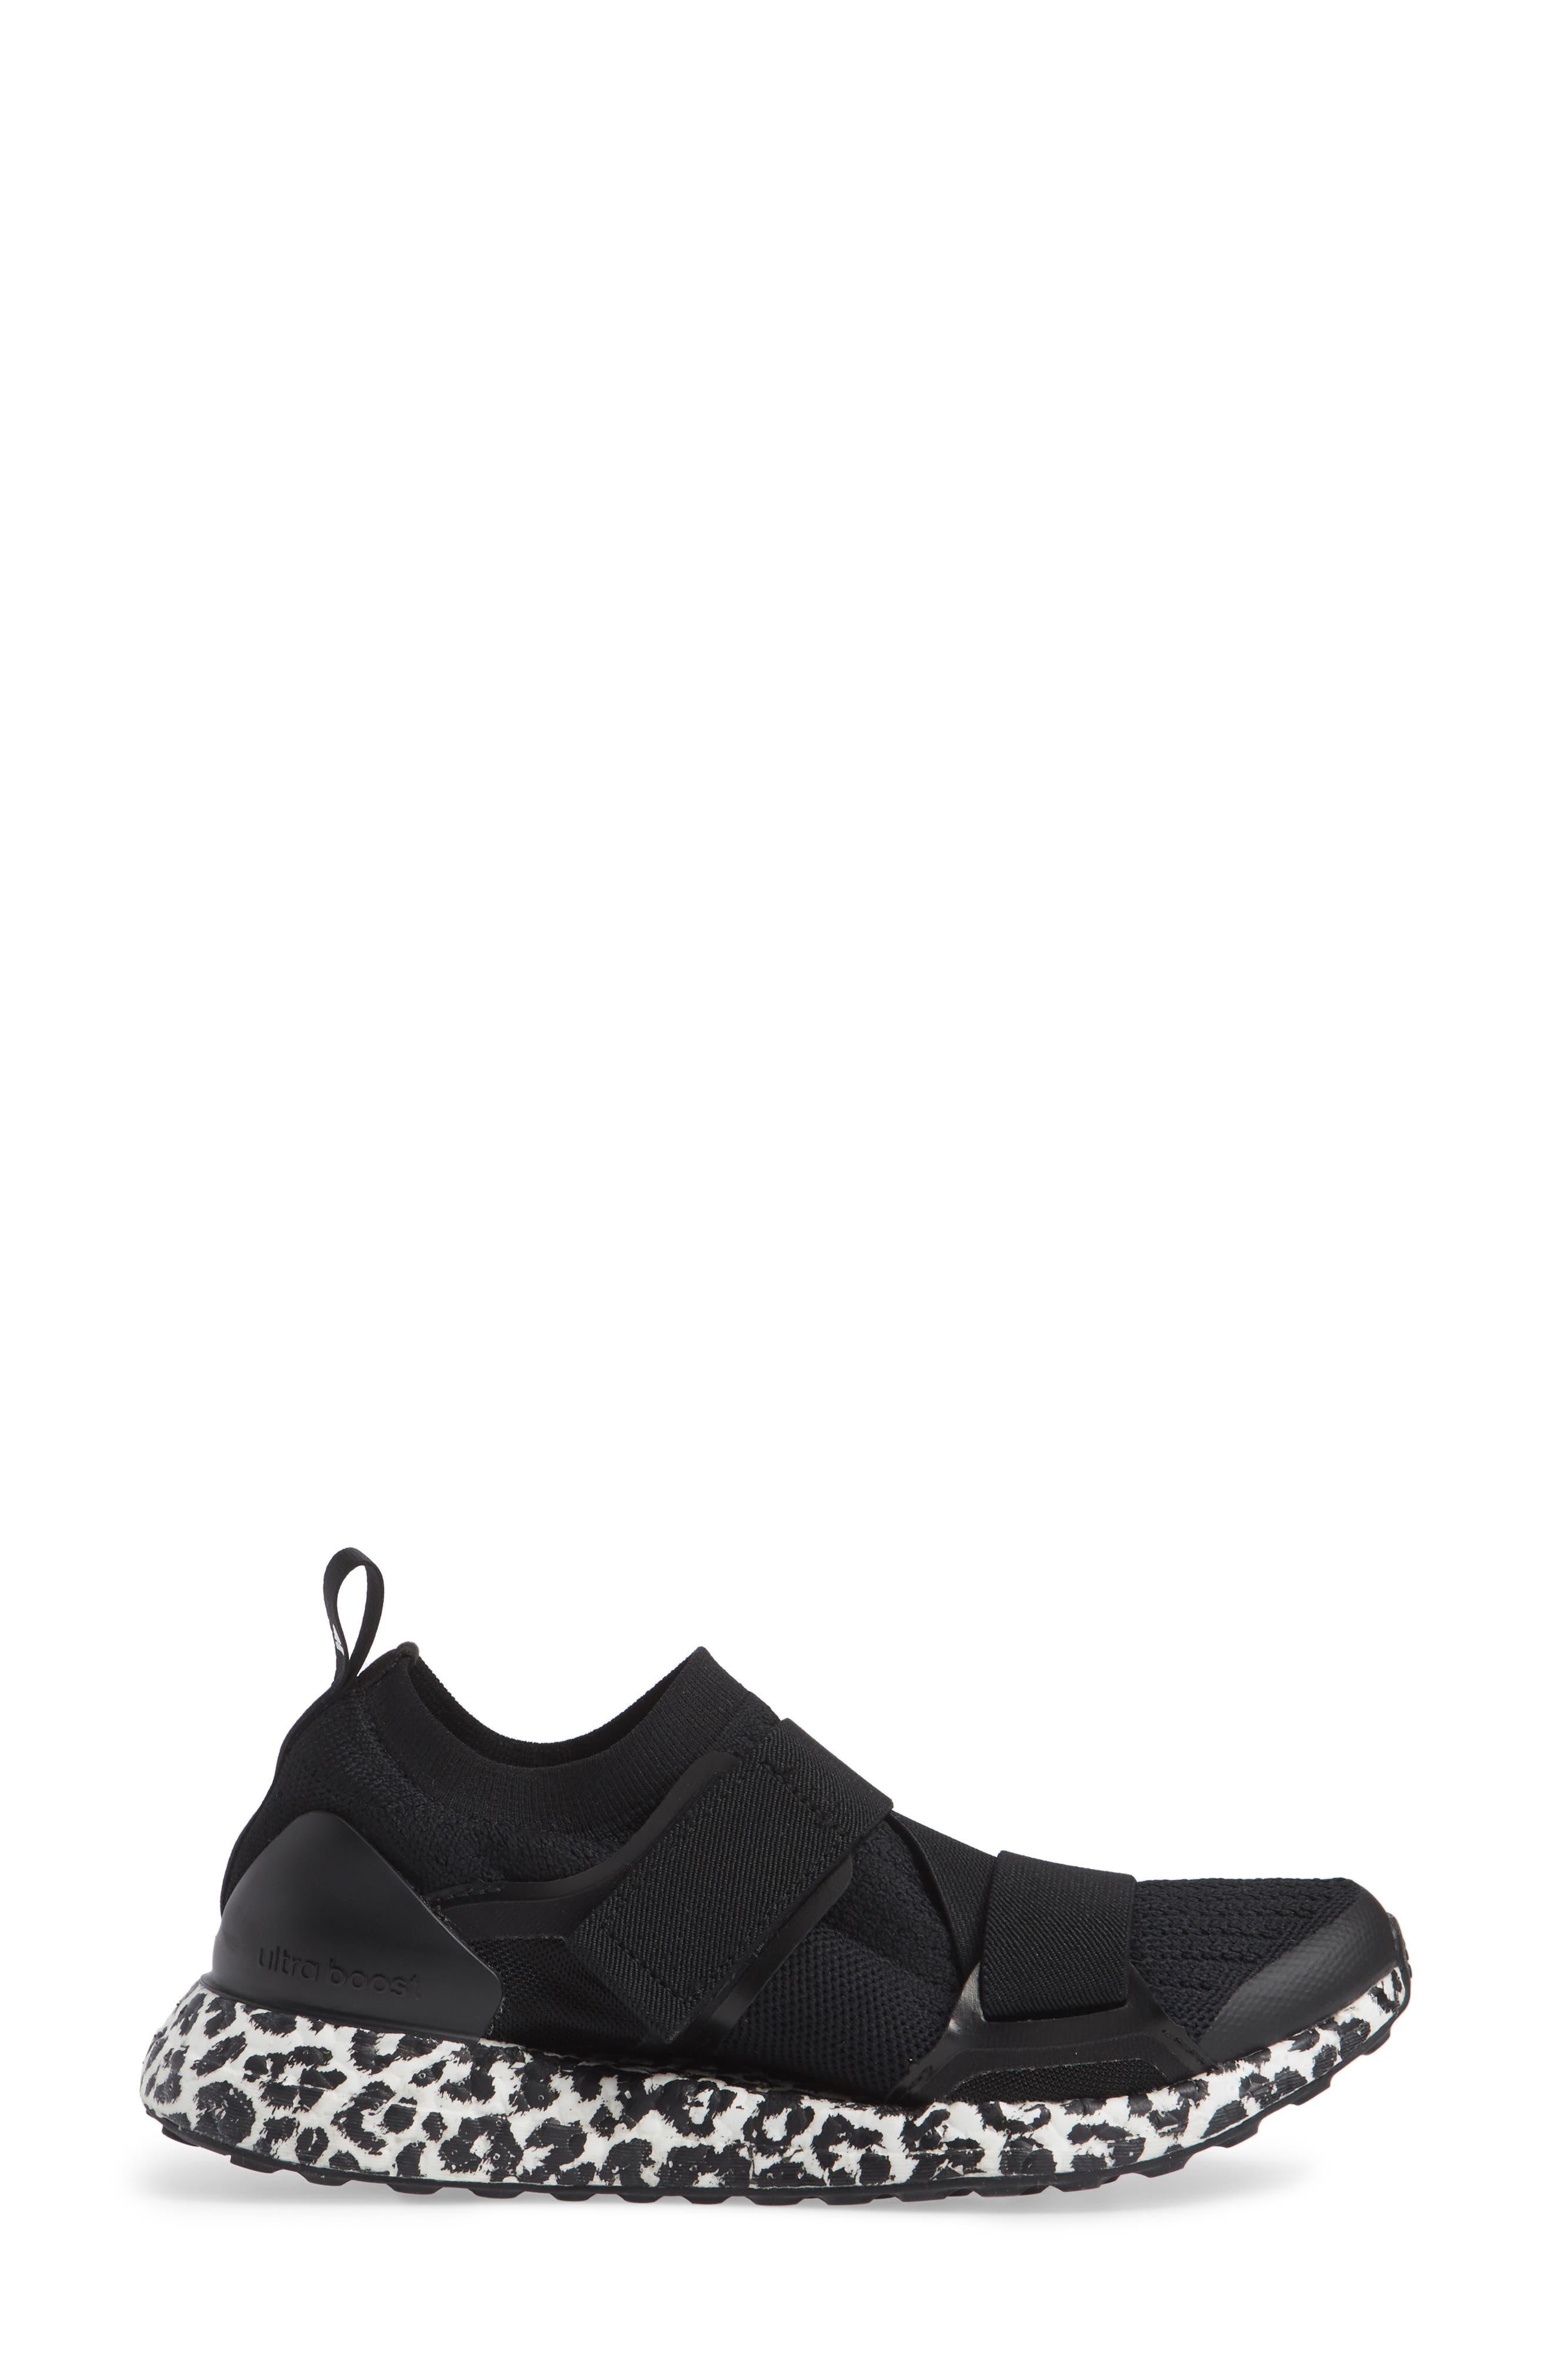 UltraBoost X Running Shoe,                             Alternate thumbnail 3, color,                             BLACK/ BLACK/ WHITE